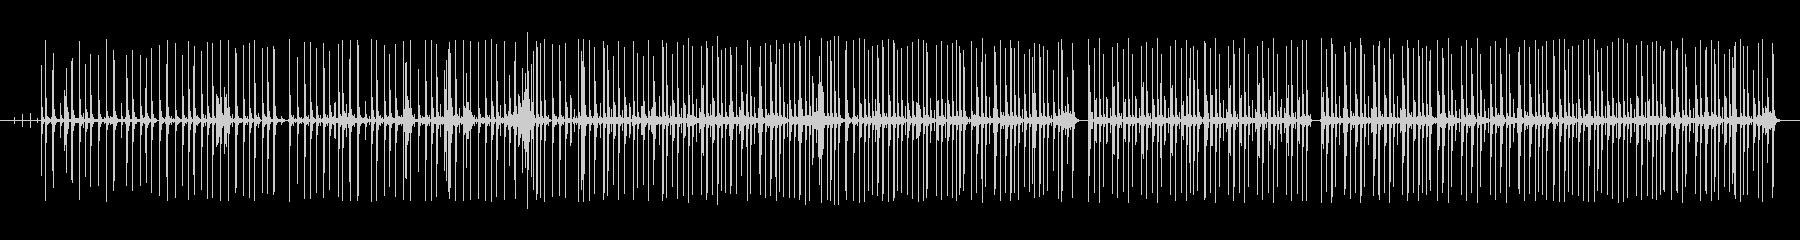 グルーブ16ビートpurdie風ドラム1の未再生の波形